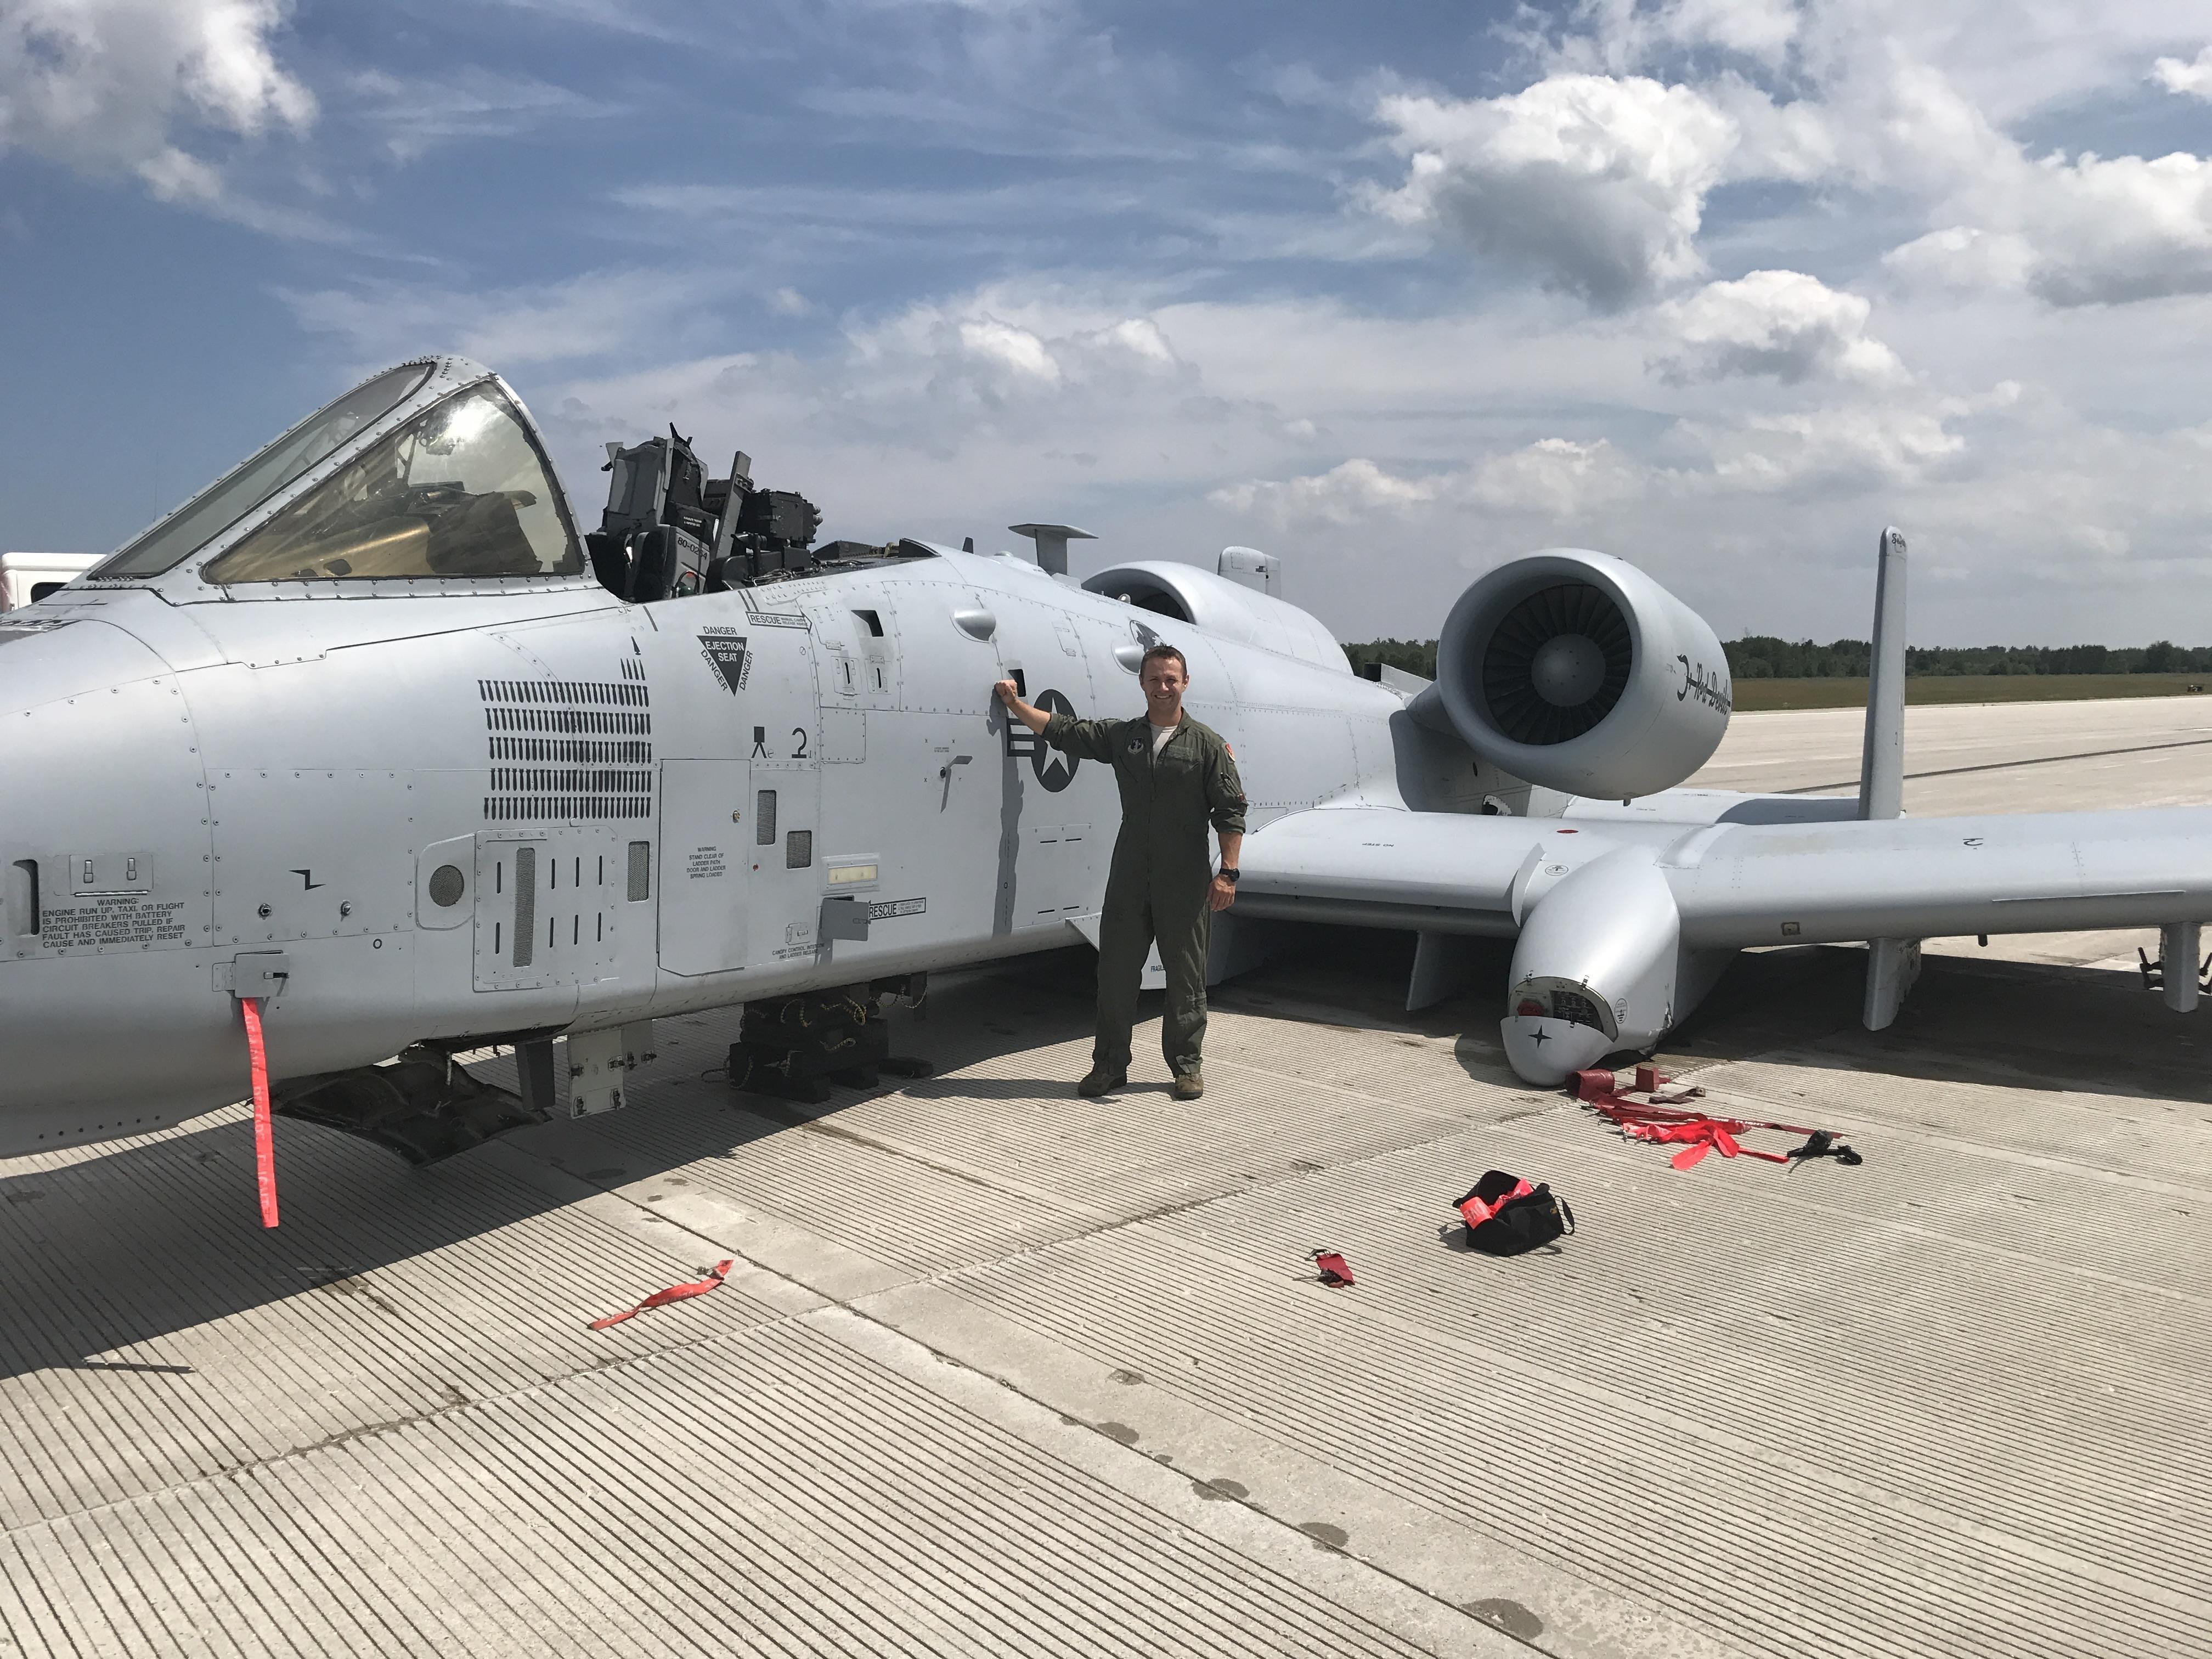 Brett DeVries, o piloto de A-10 Thunderbolt II